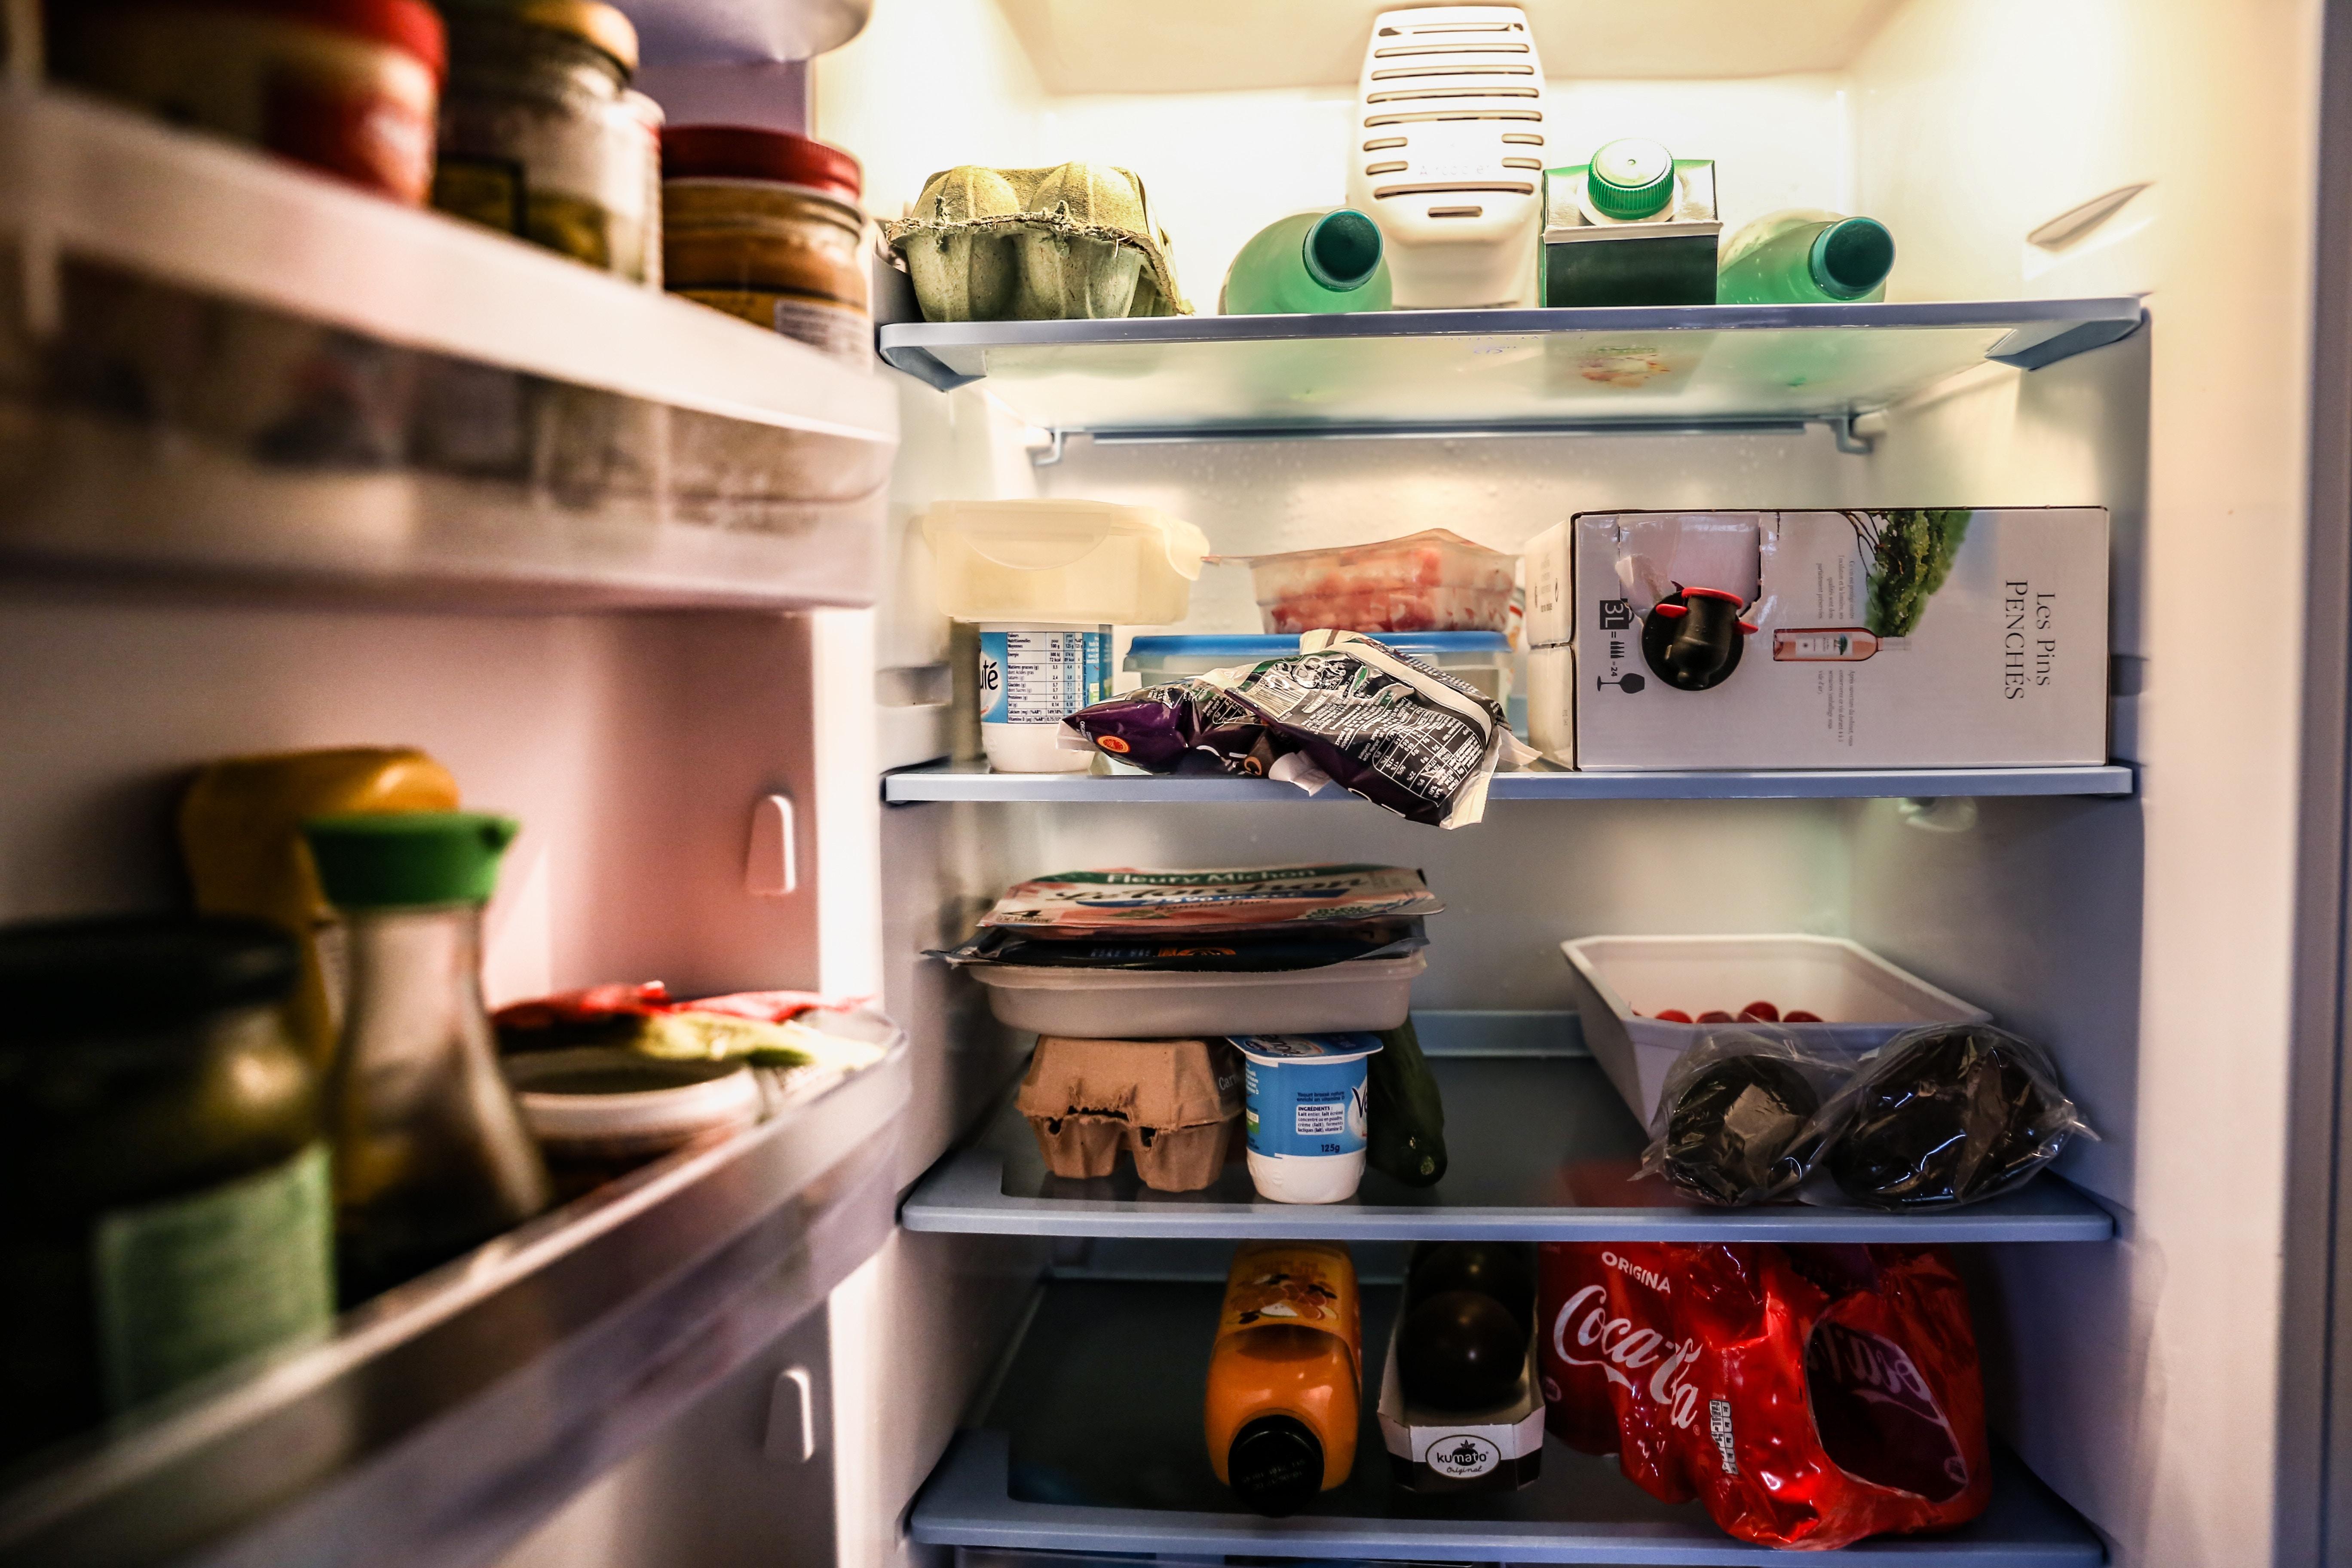 Kühlschrank Reinigen : Kühlschrank reinigen u wie geht man vor azaé